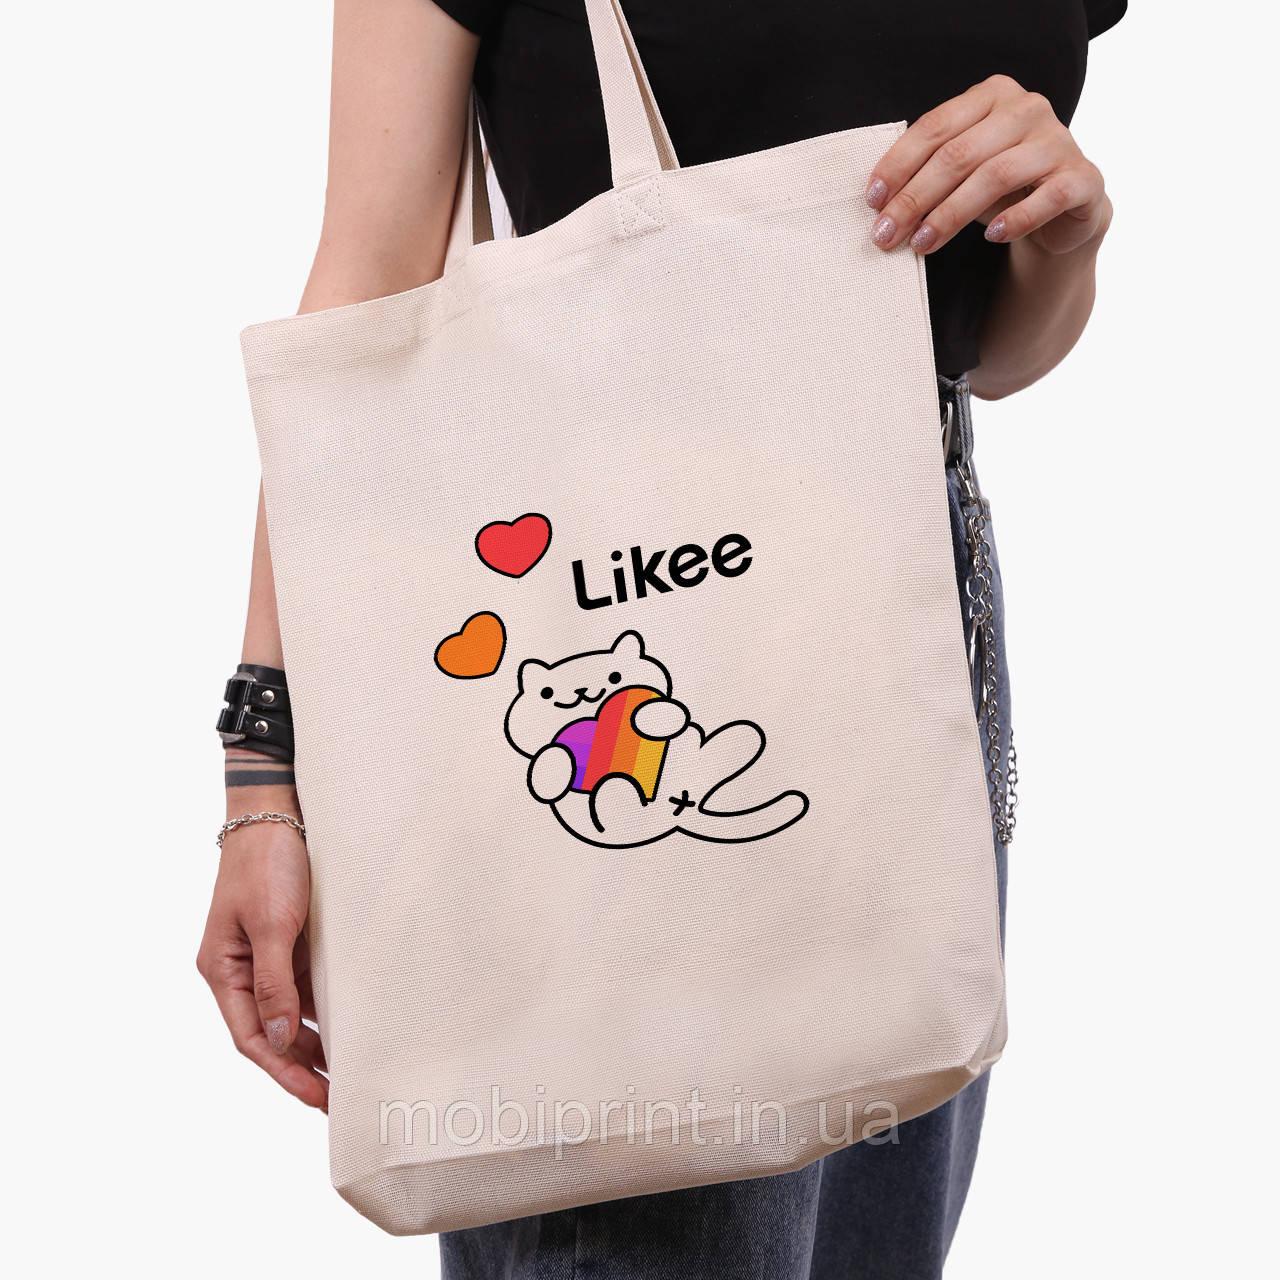 Эко сумка шоппер белая Лайк (Likee) (9227-1039-1)  экосумка шопер 41*39*8 см